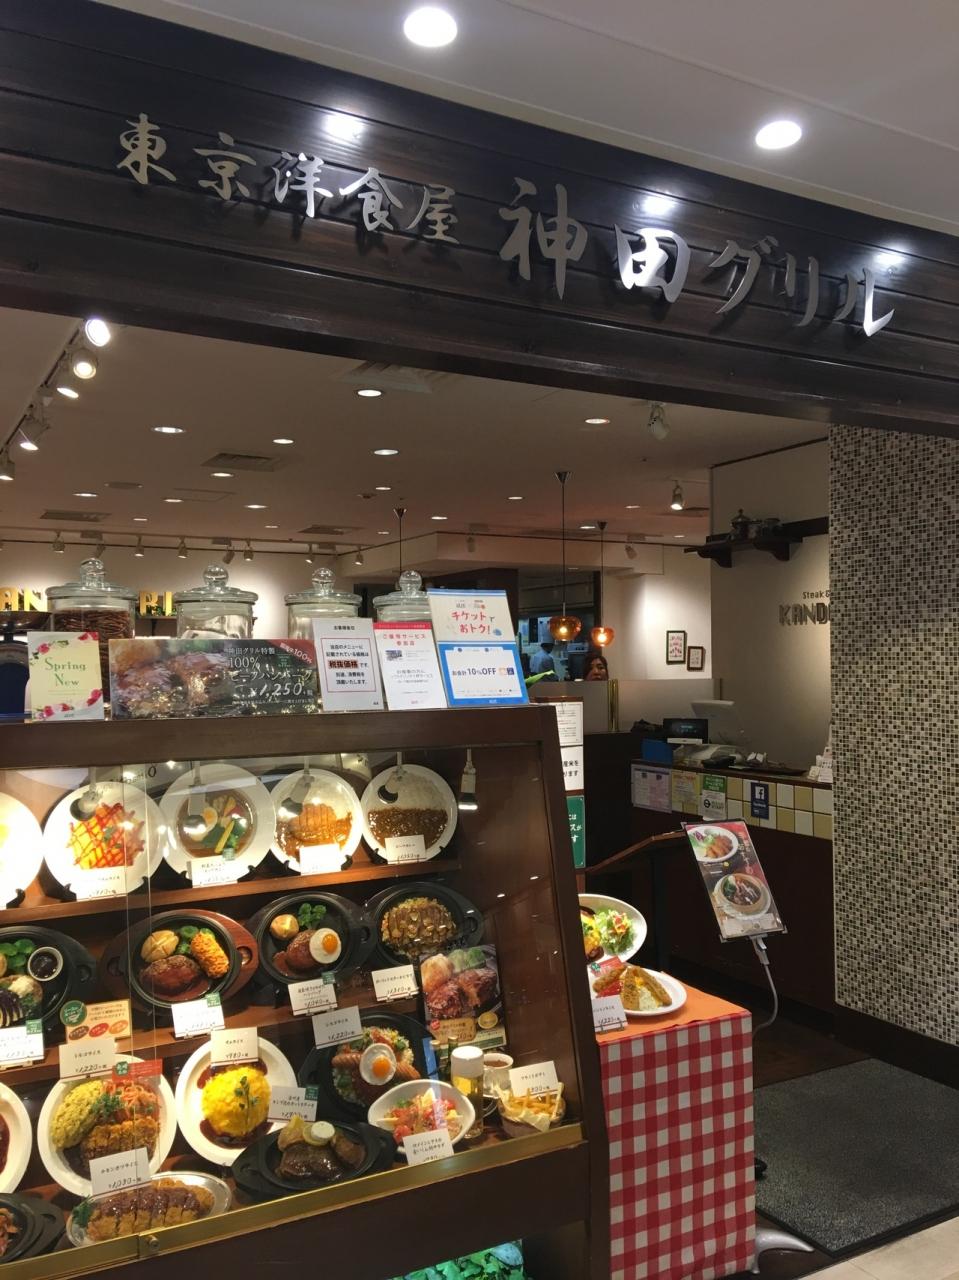 神田グリル アトレ大井町店 クチコミガイド【フォートラベル ...